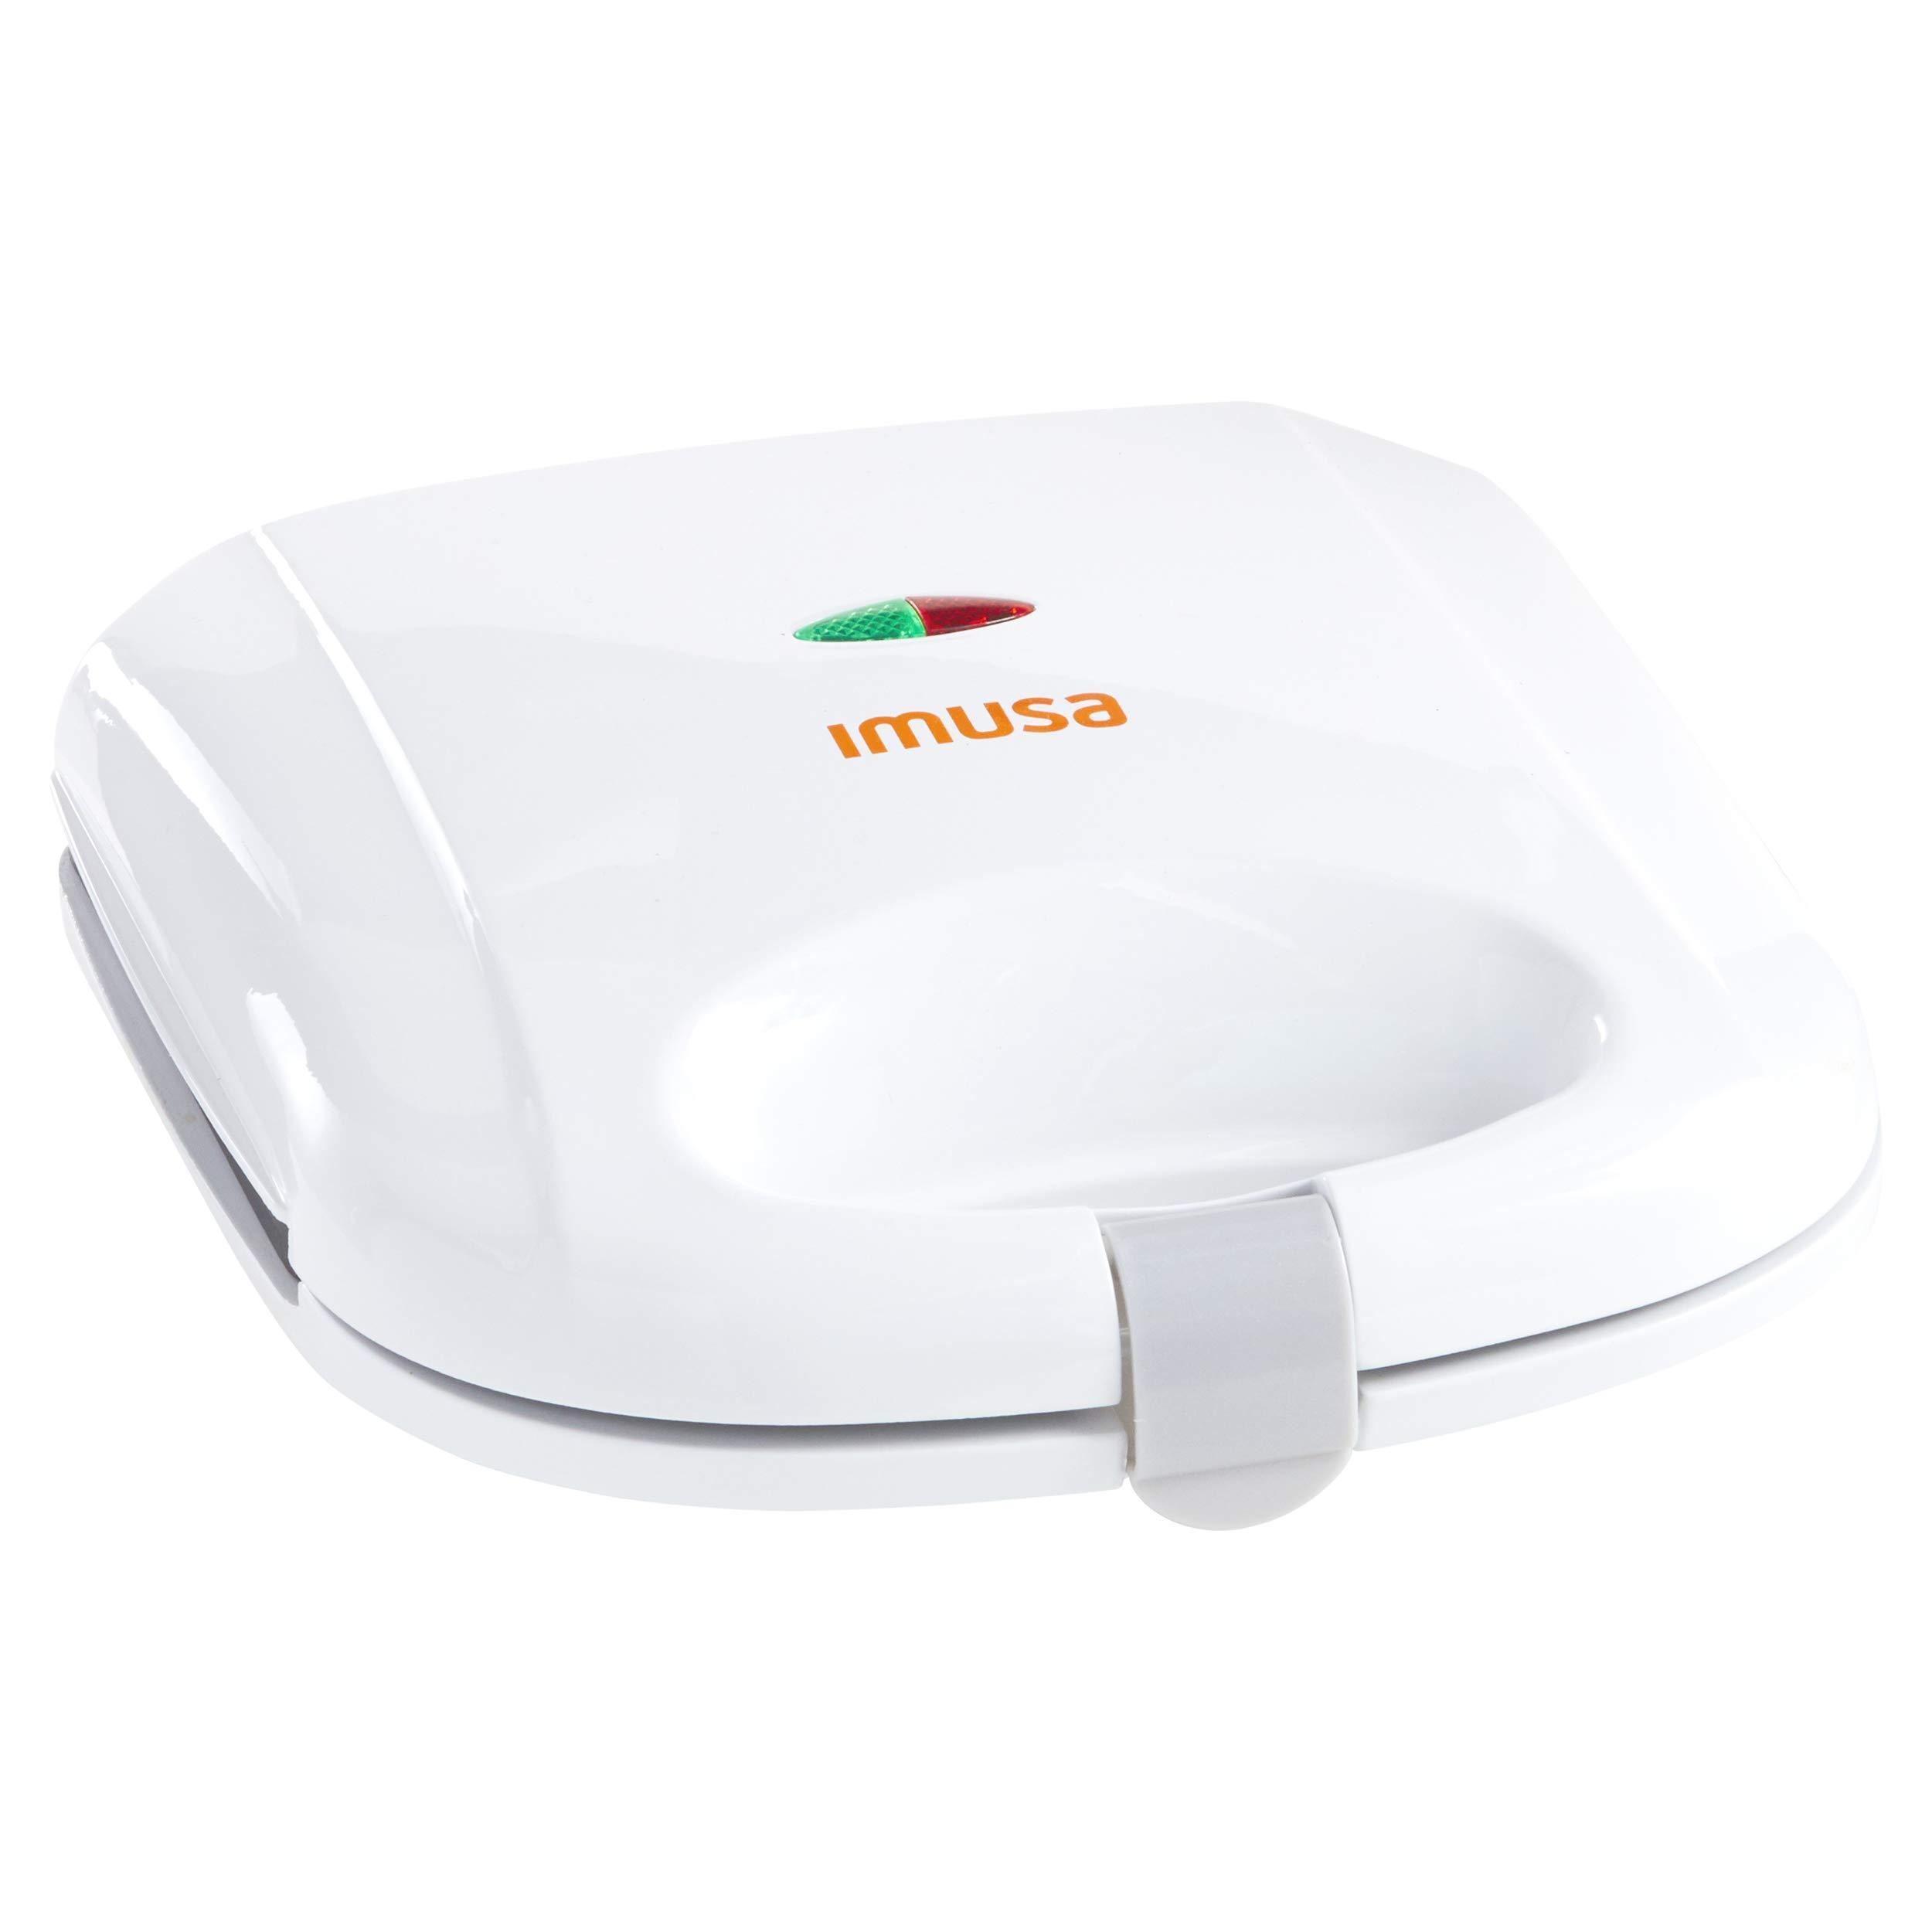 IMUSA USA GAU-80301 Sandwich Maker, White by IMUSA USA